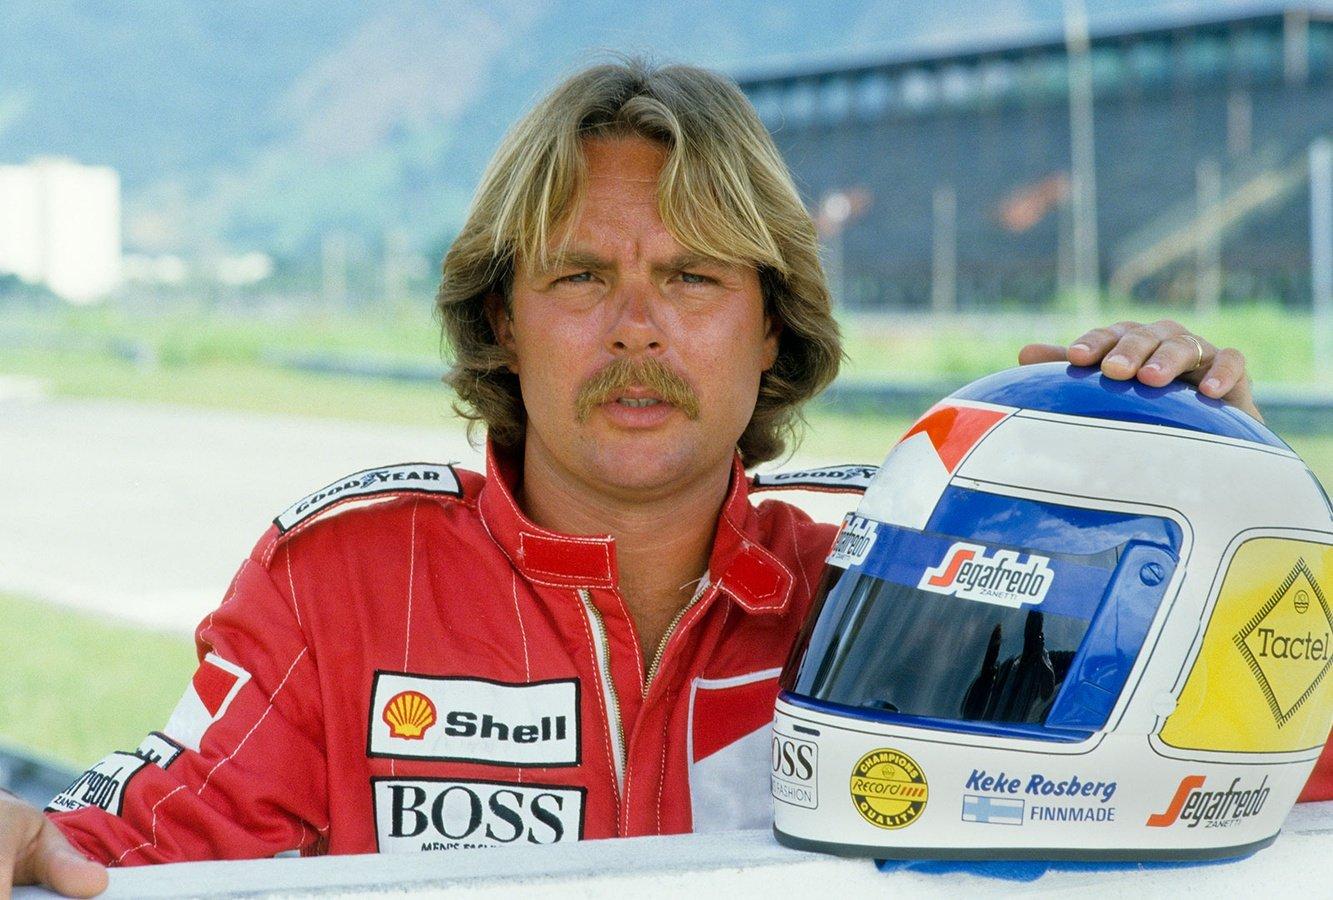 Happy Birthday Keke Rosberg.